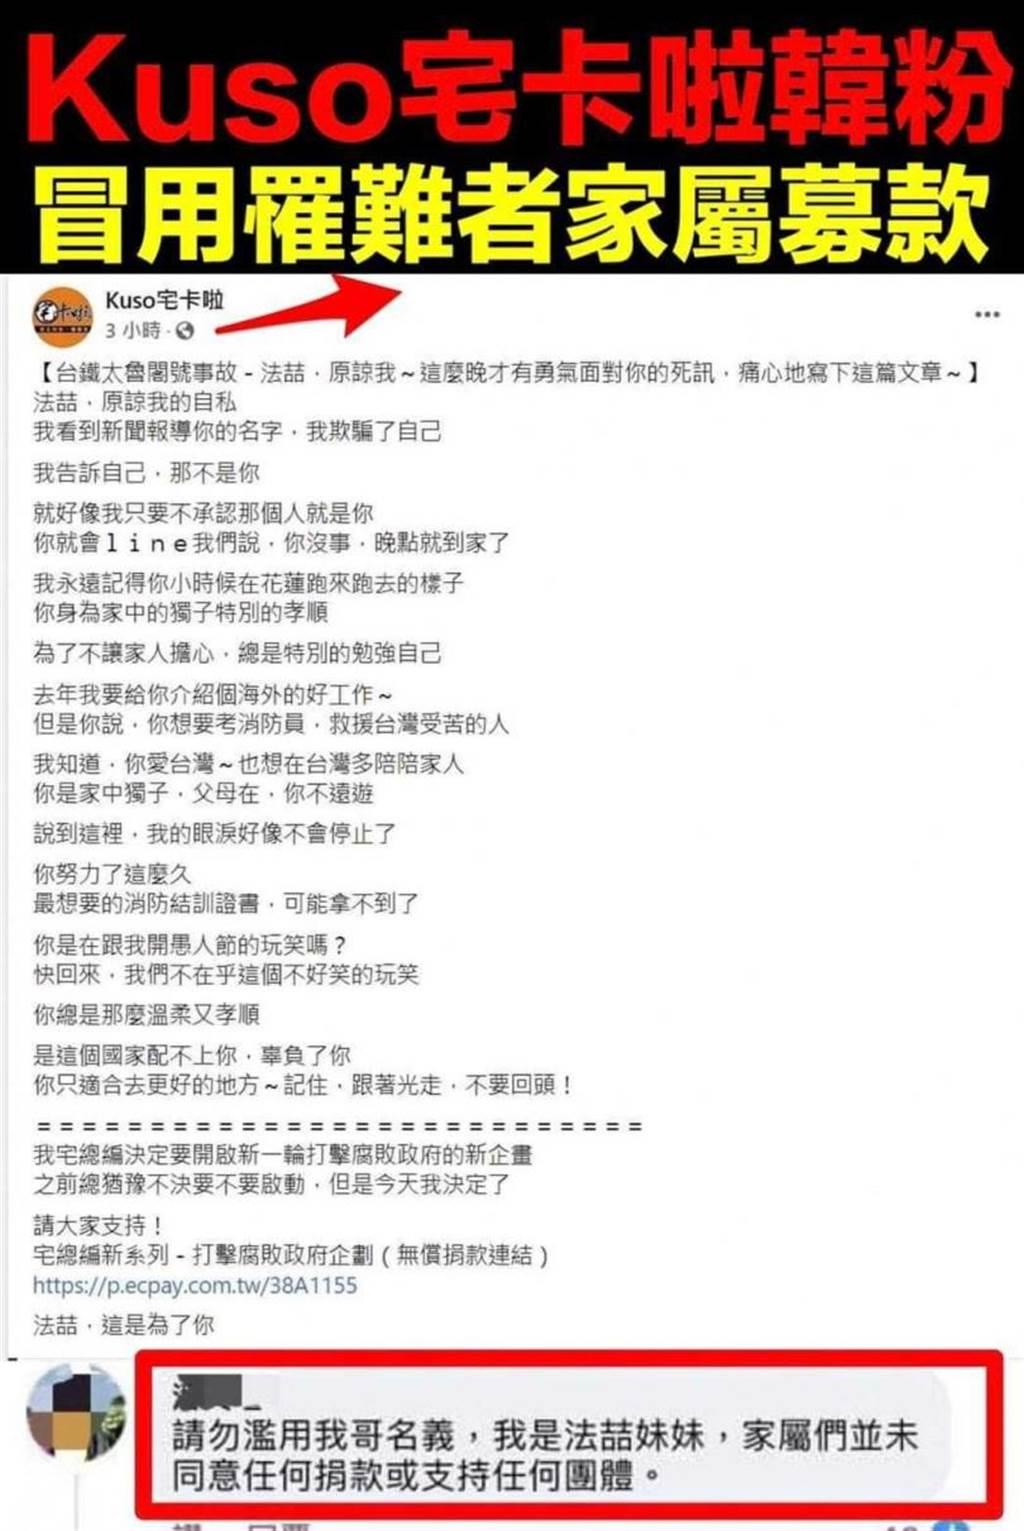 [新聞] 粉專「宅卡啦」冒太魯閣罹難者黃法喆身分